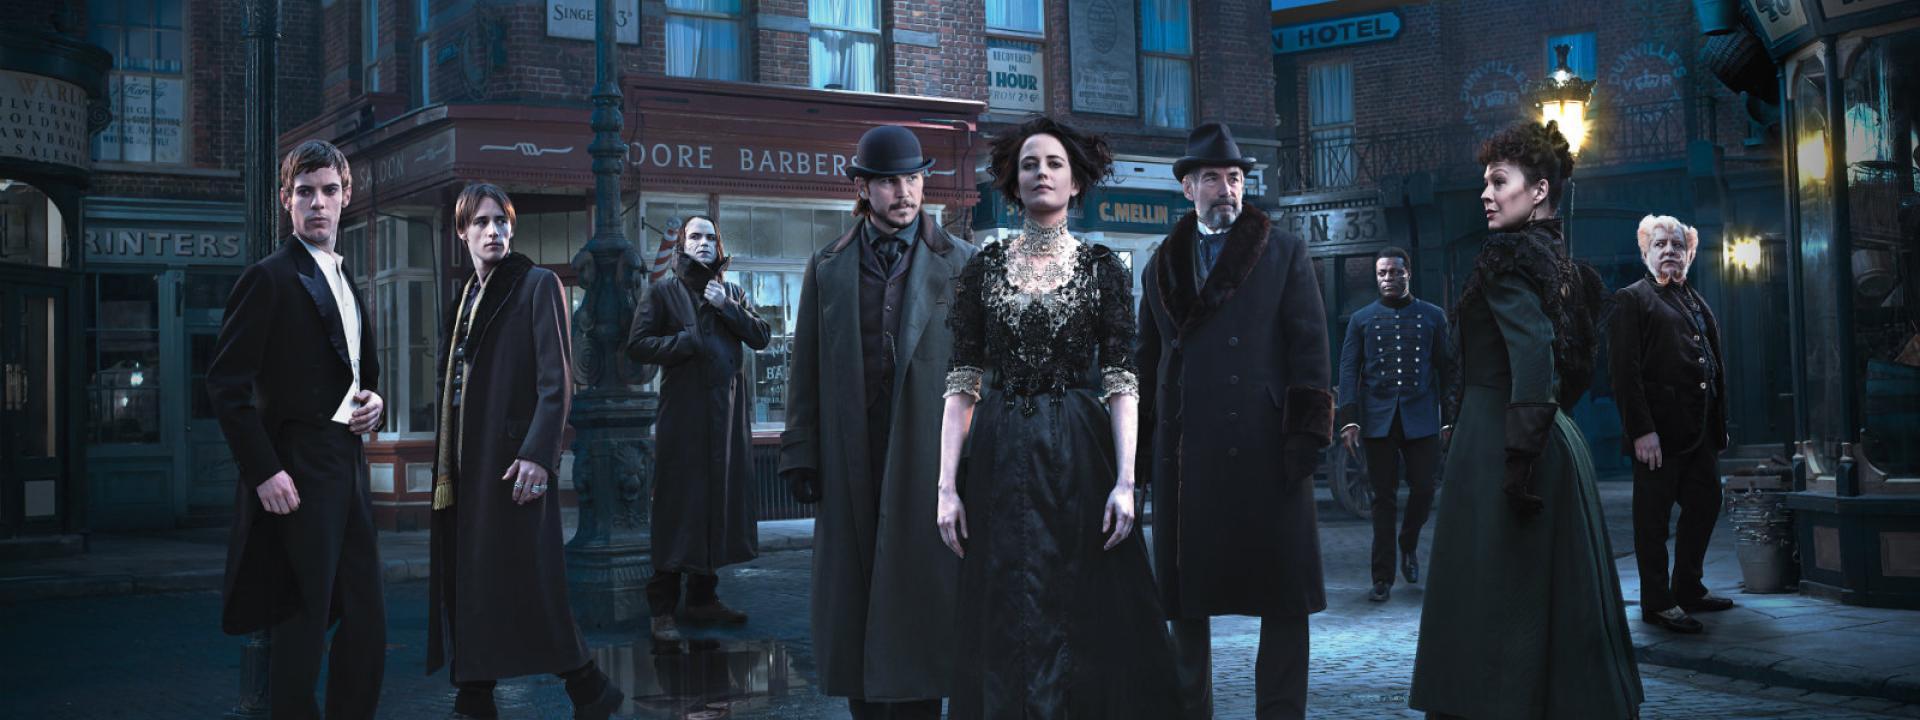 Penny Dreadful - Londoni rémtörténetek 2. évadértékelő